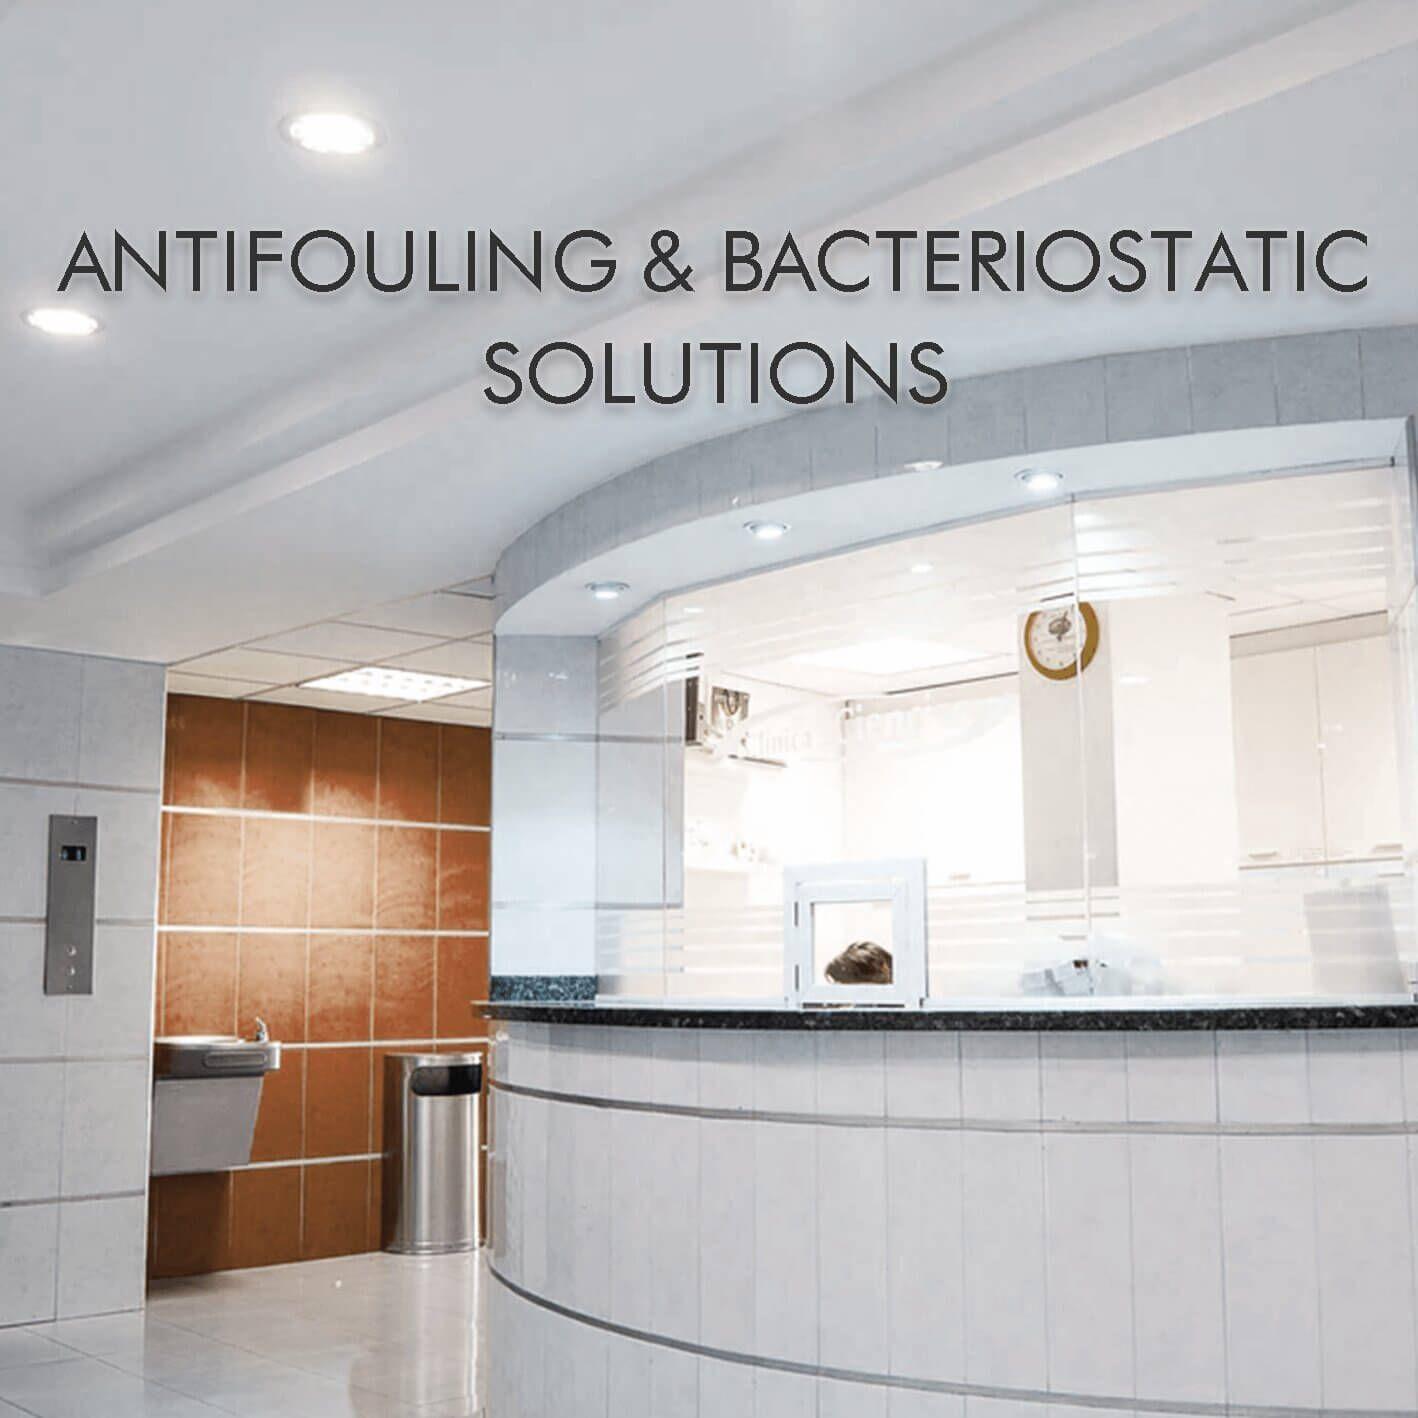 Ламинированный металл для наружного применения обладает характеристиками защиты от обрастания, стерилизации, водонепроницаемости и защиты от плесени.